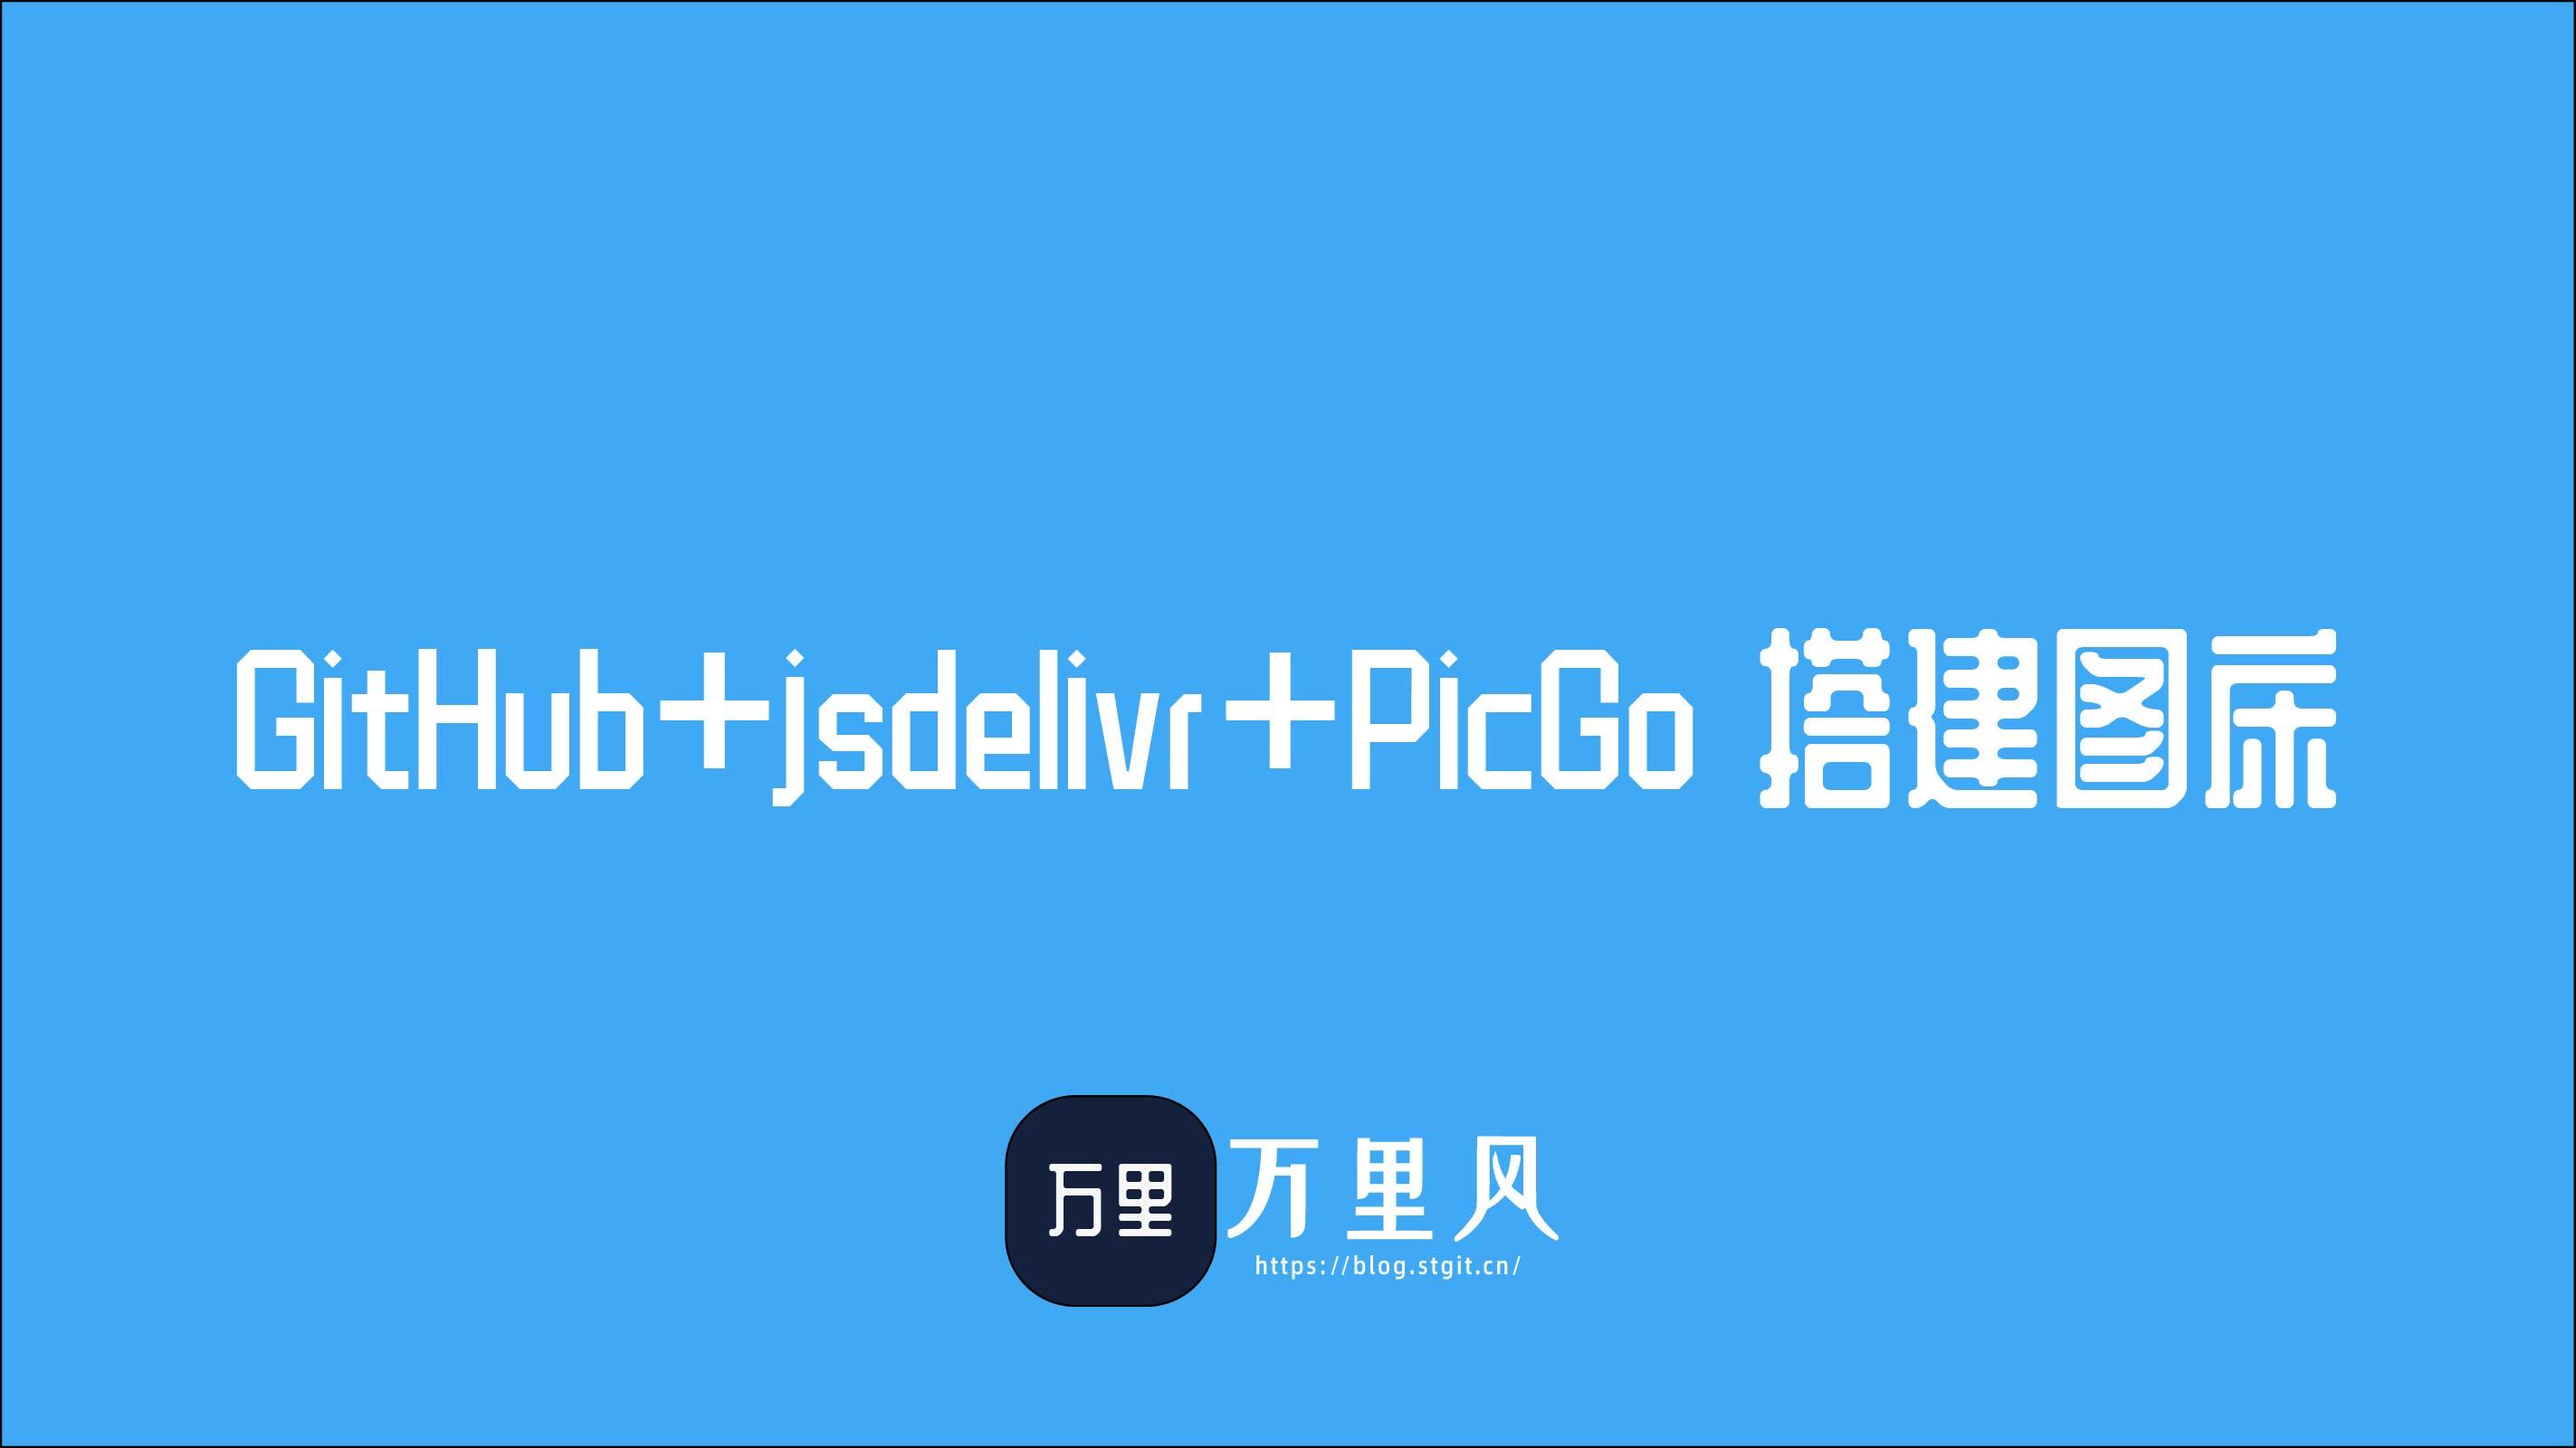 玩转GitHub | GitHub+jsdelivr+PicGo 搭建图床